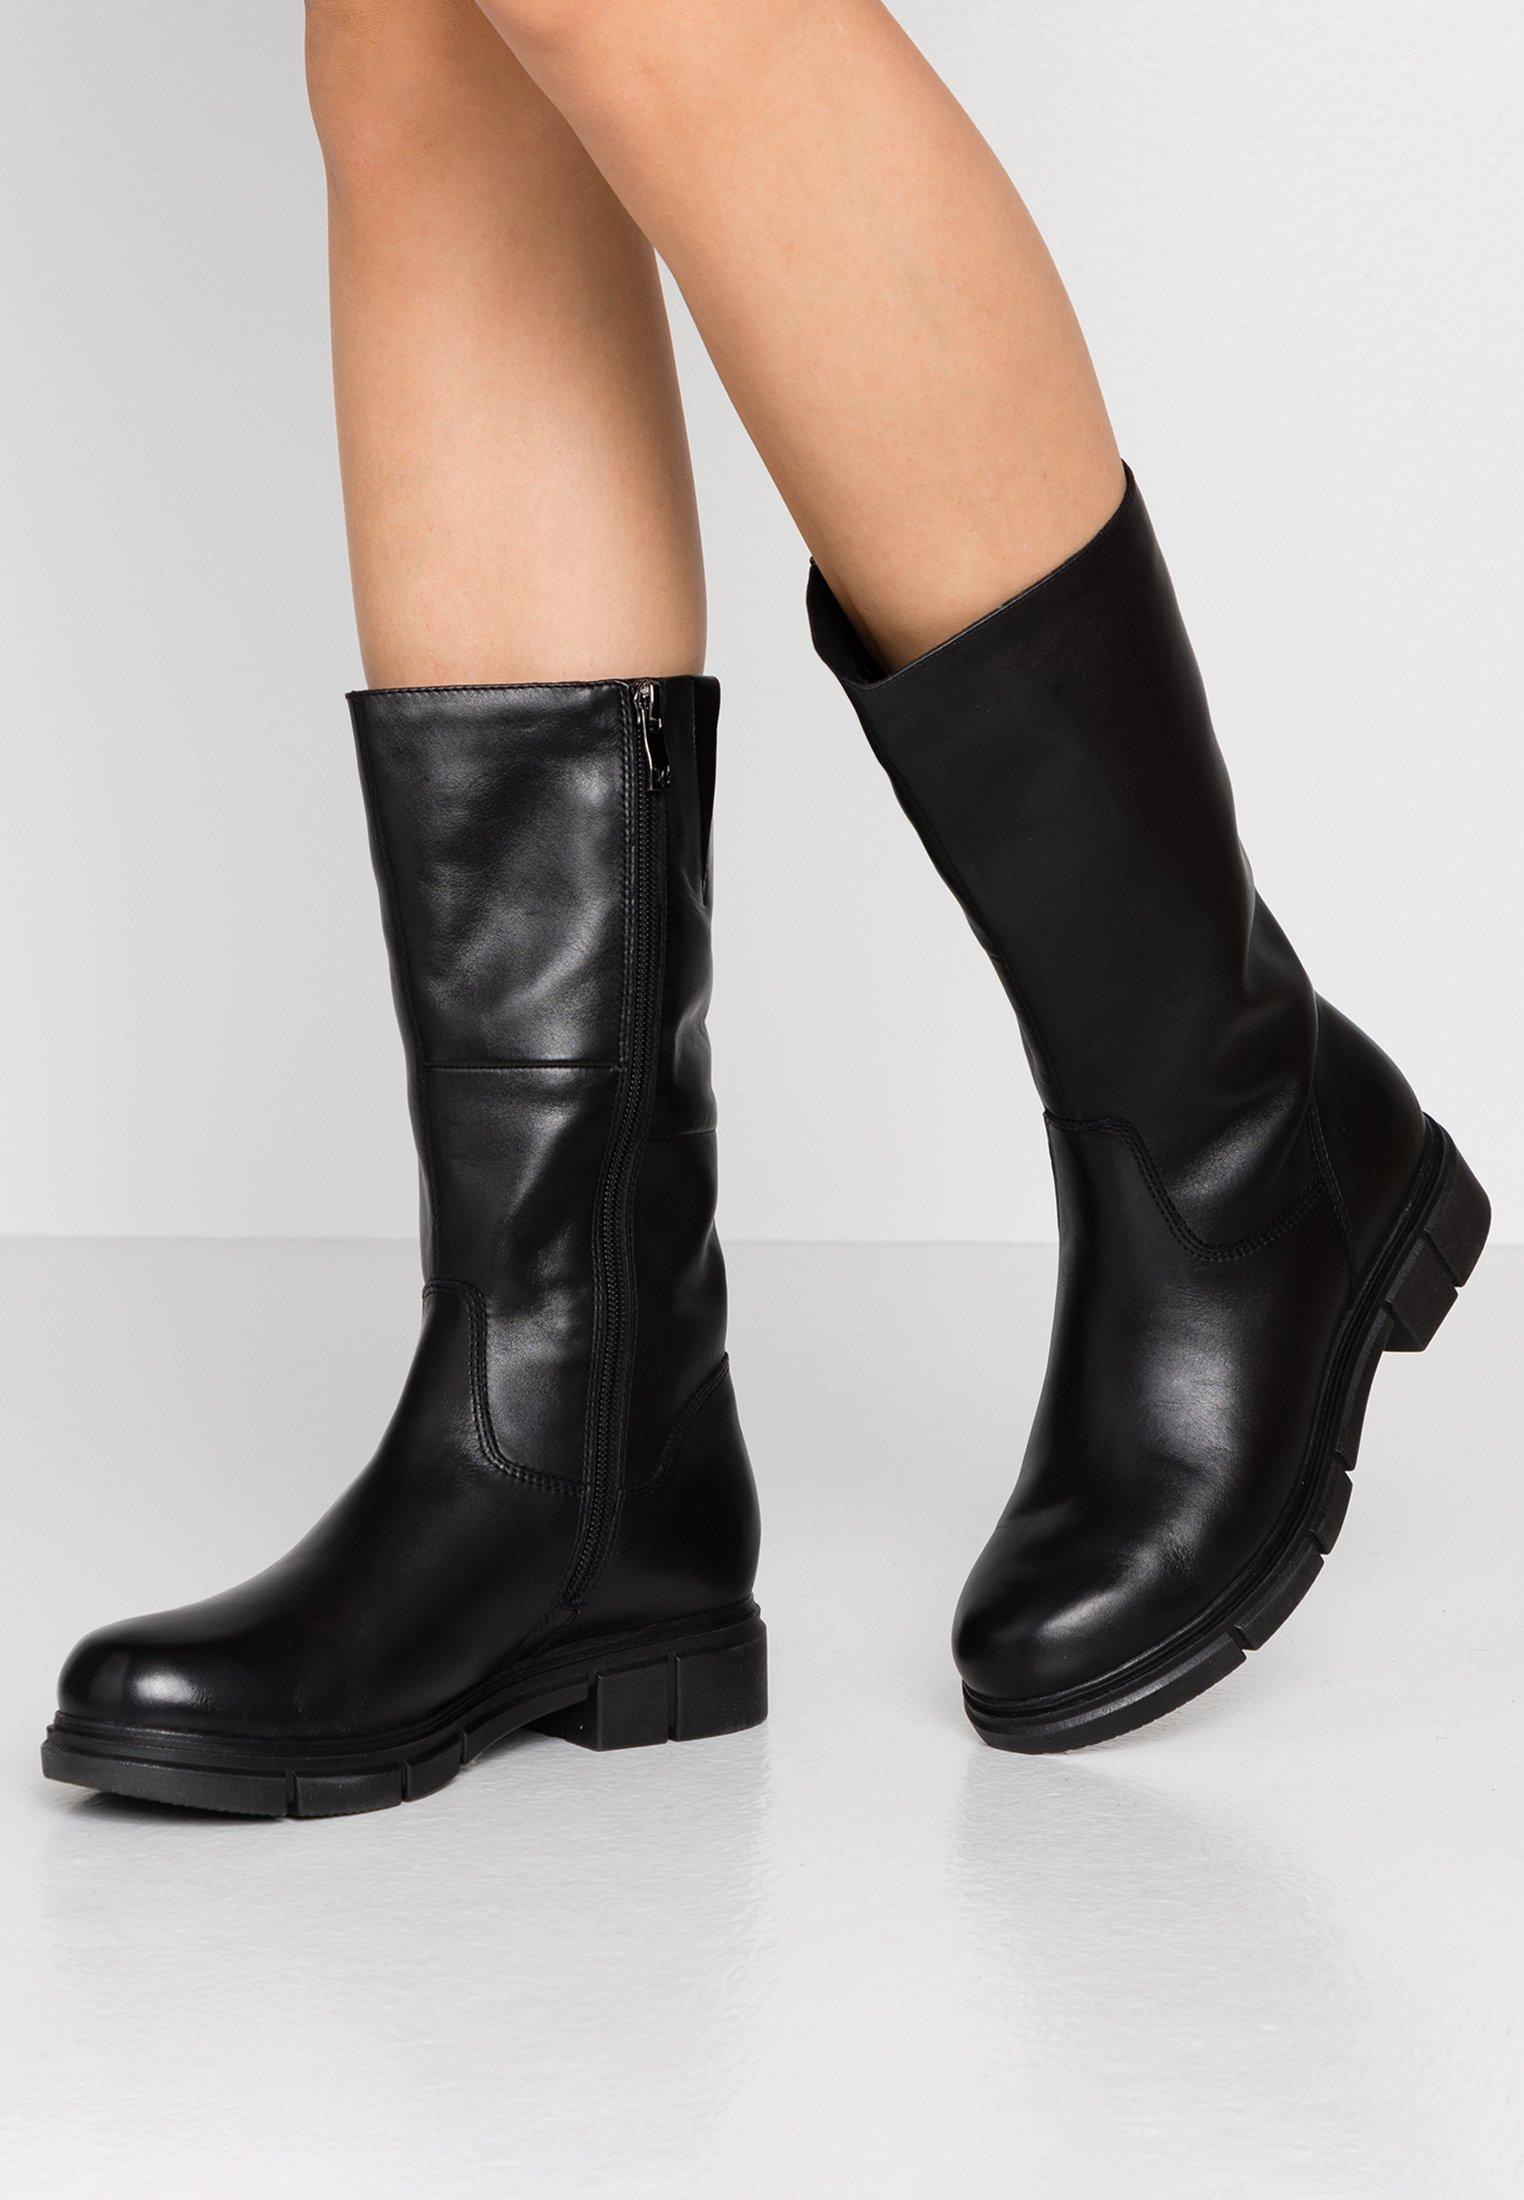 Stivali texani da donna in promozione su Zalando